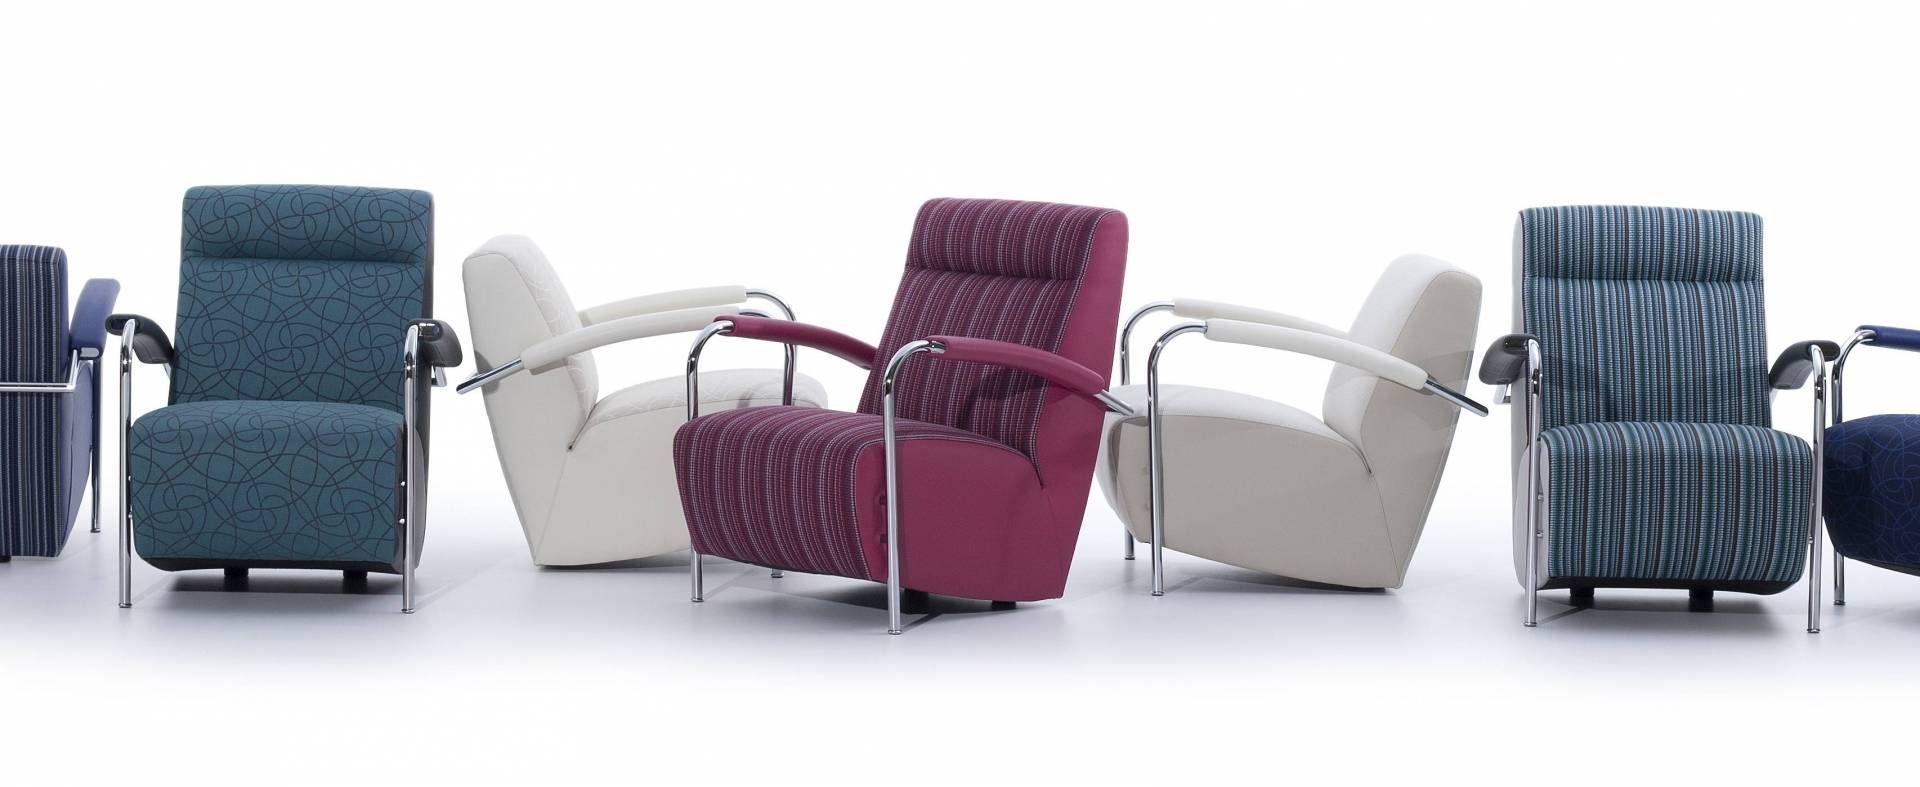 Leolux Fauteuils Scylla.Design Fauteuil Scylla Jewels Van Leolux Prijs Design